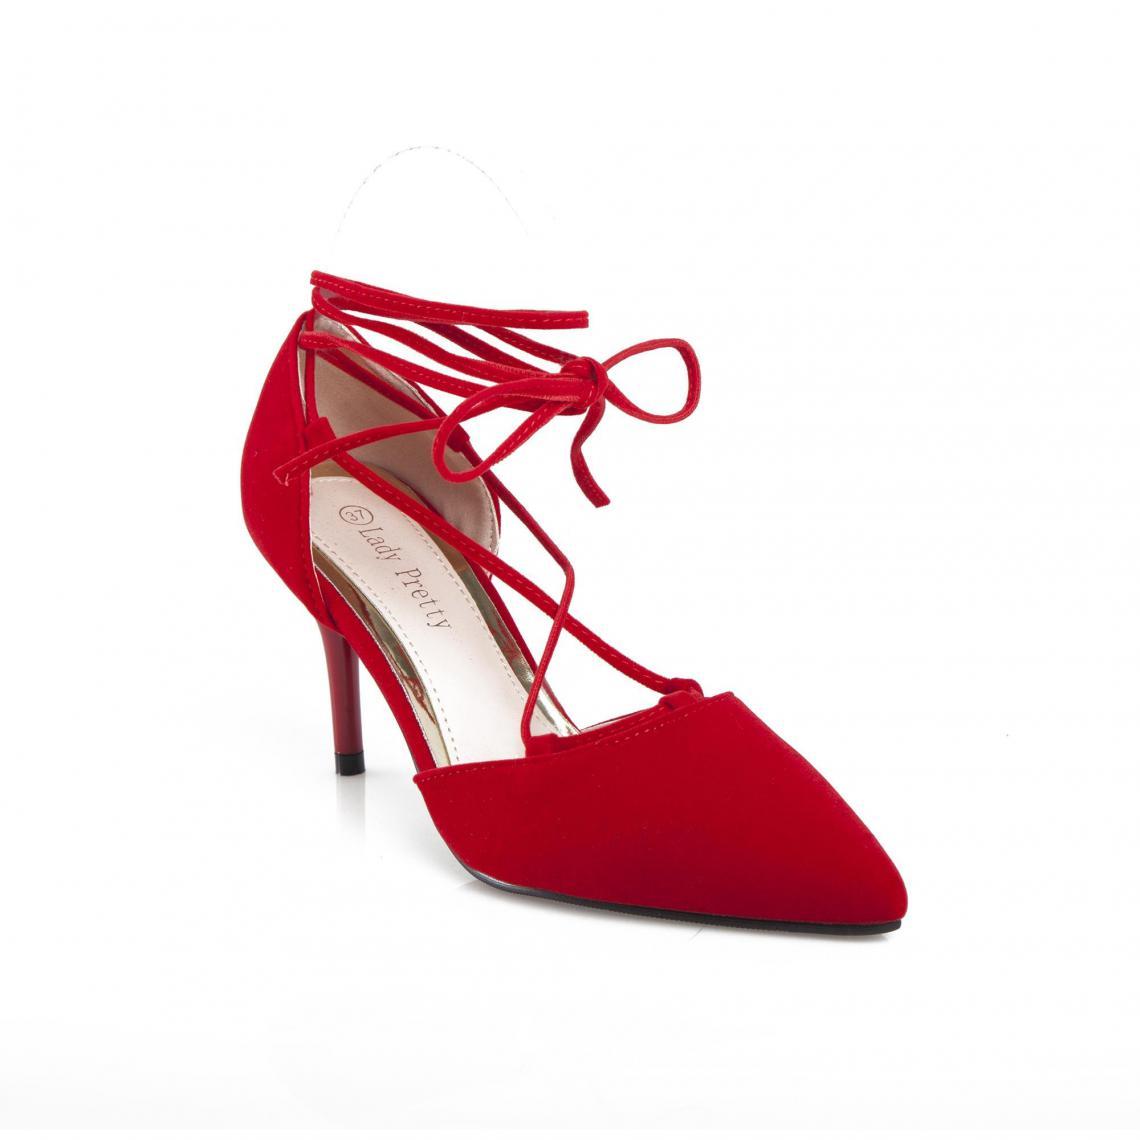 6f712308ddc Escarpins talon haut noués sur chevilles femme - Rouge 3 SUISSES Femme